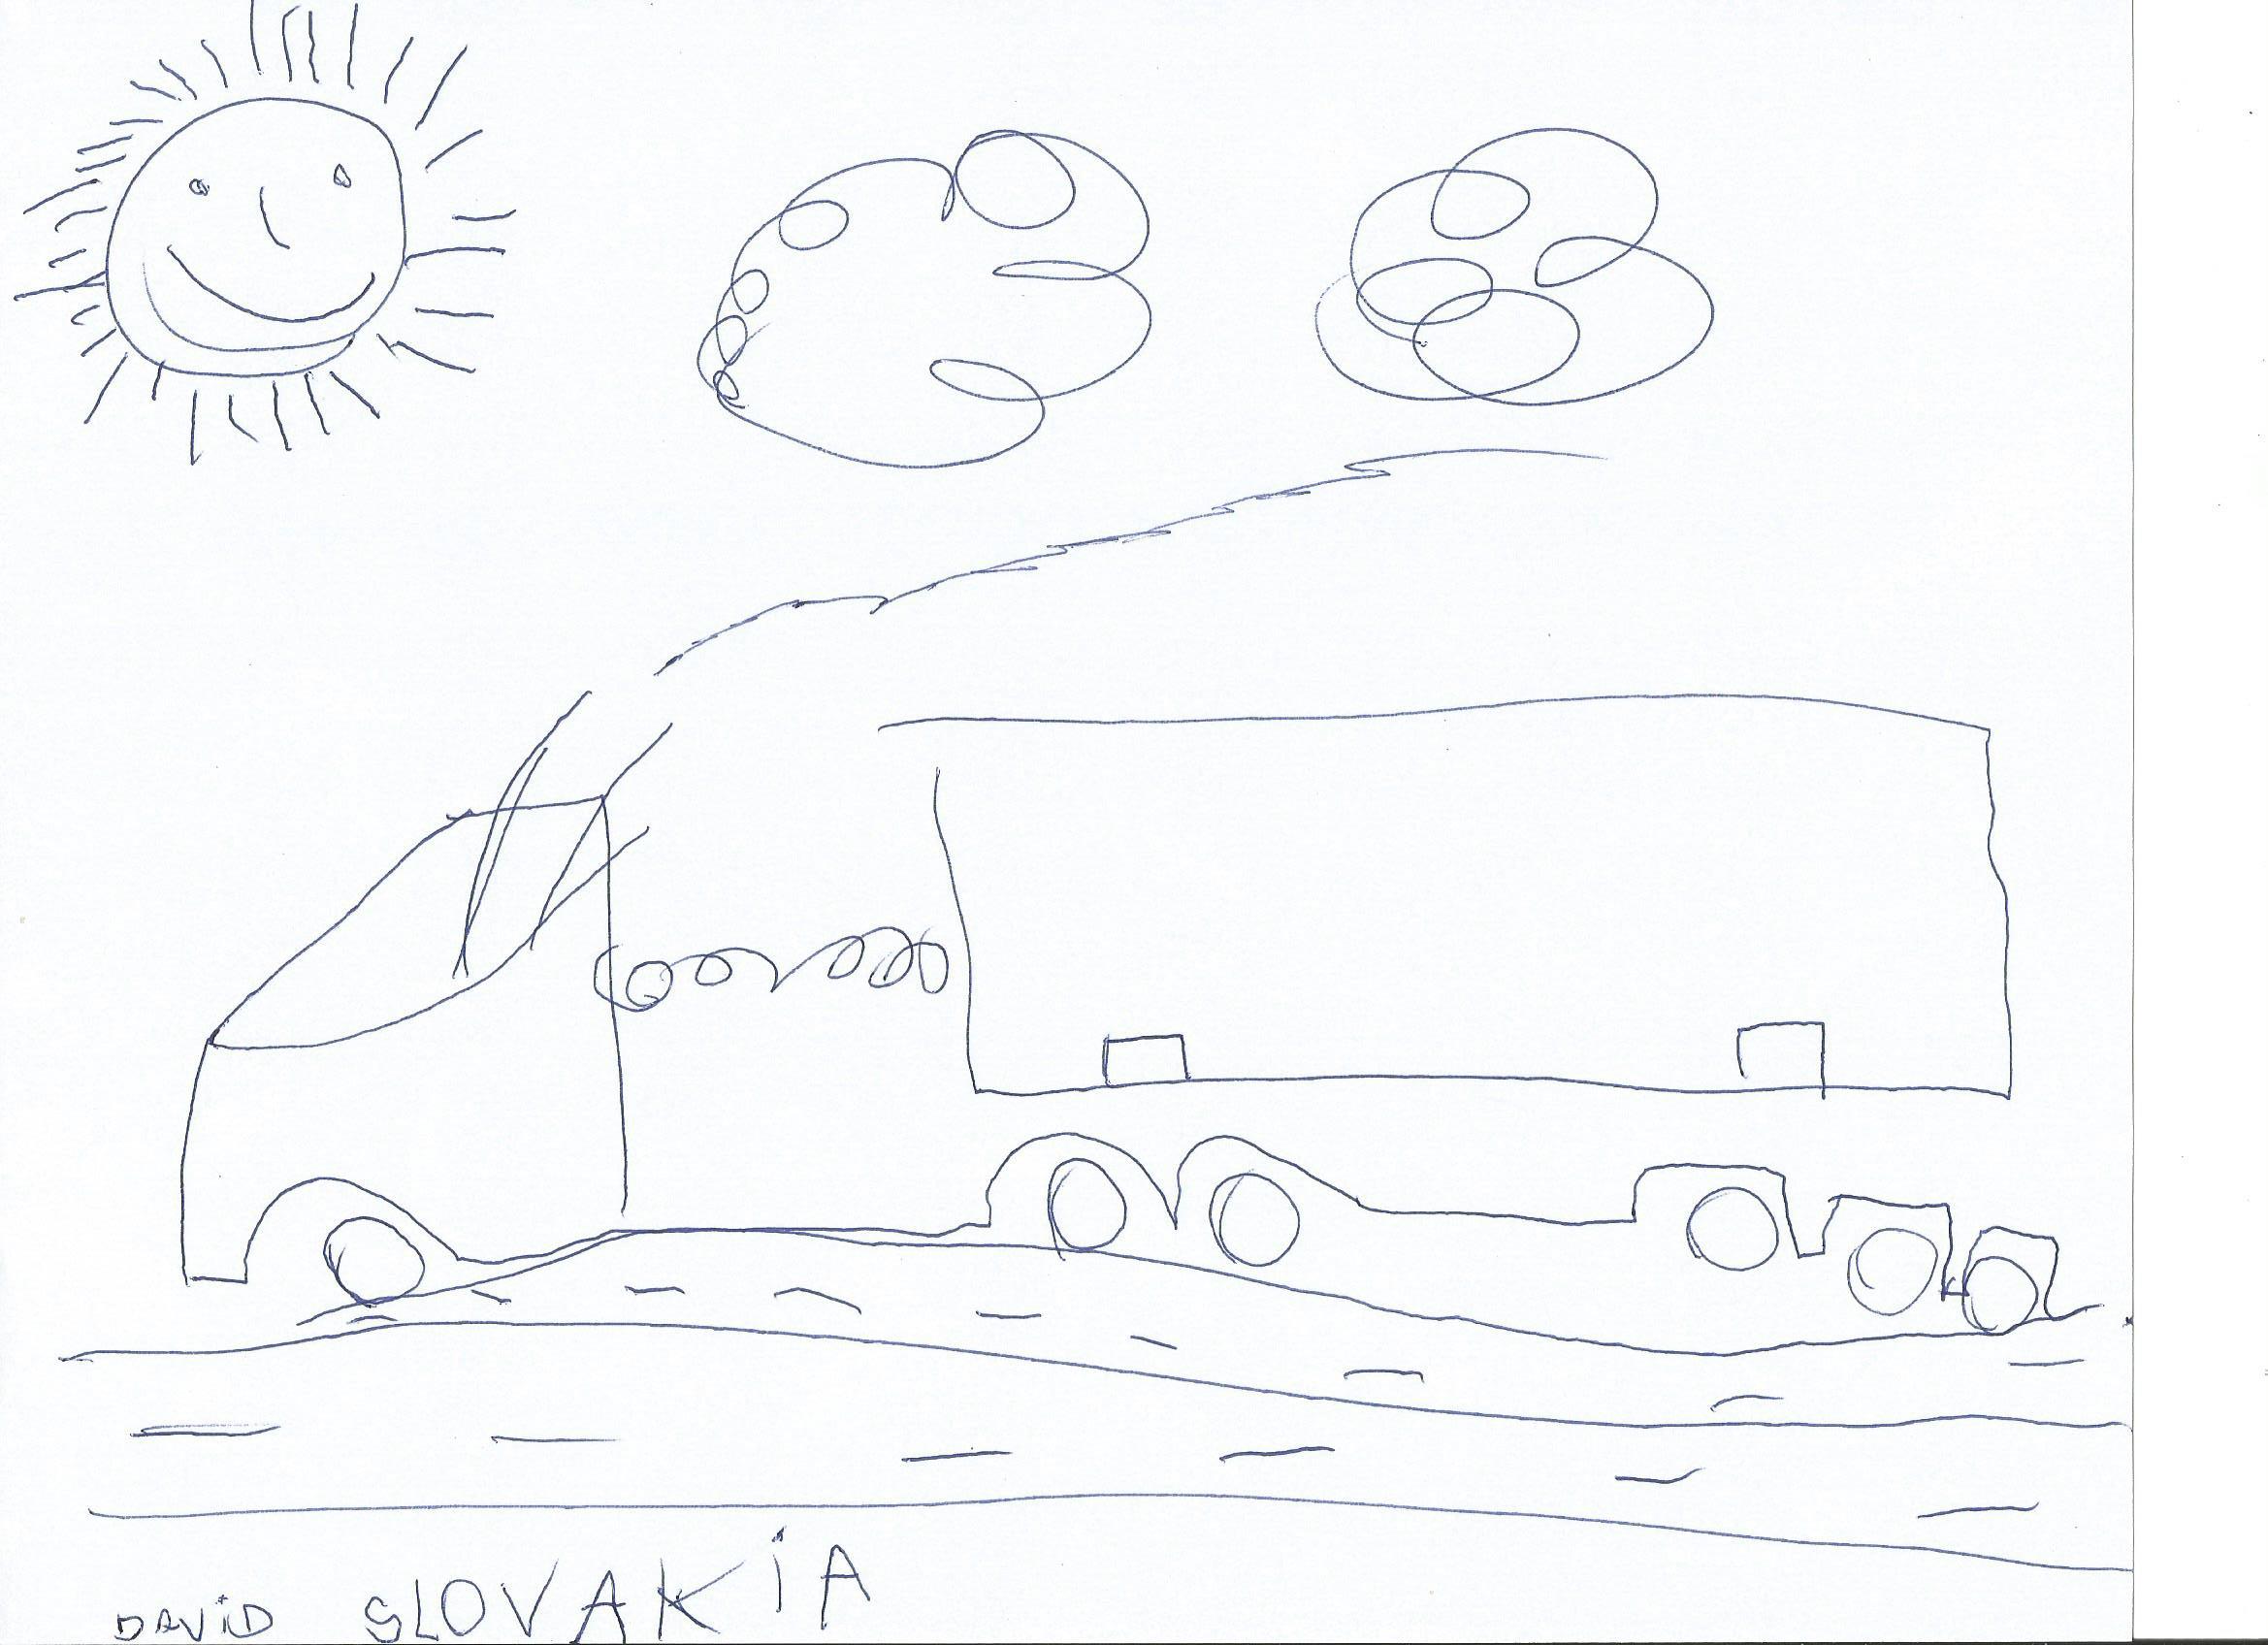 camion-d7cd1a7d8952bbe60ab2313136115b744fa3c7a9